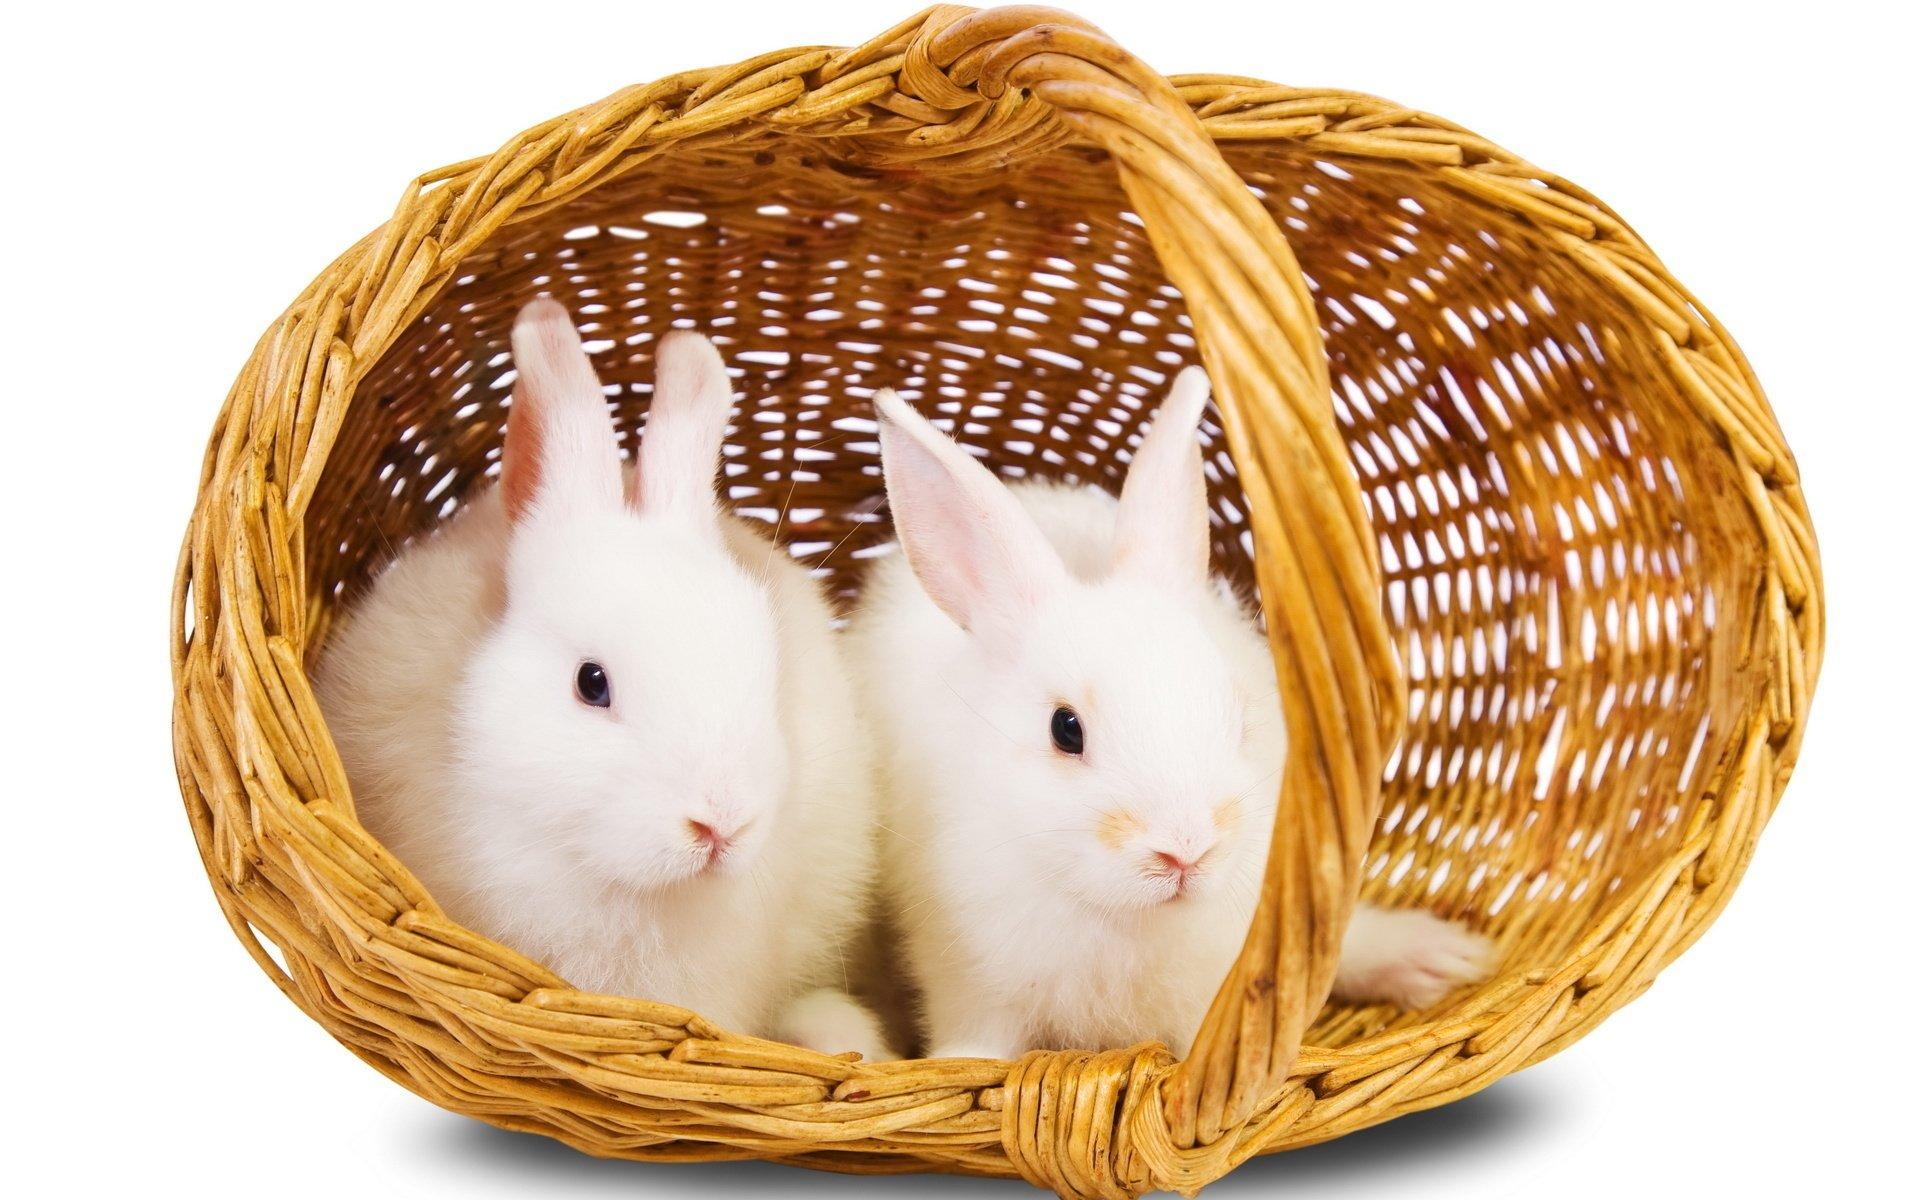 Hình ảnh con Thỏ  cực đẹp